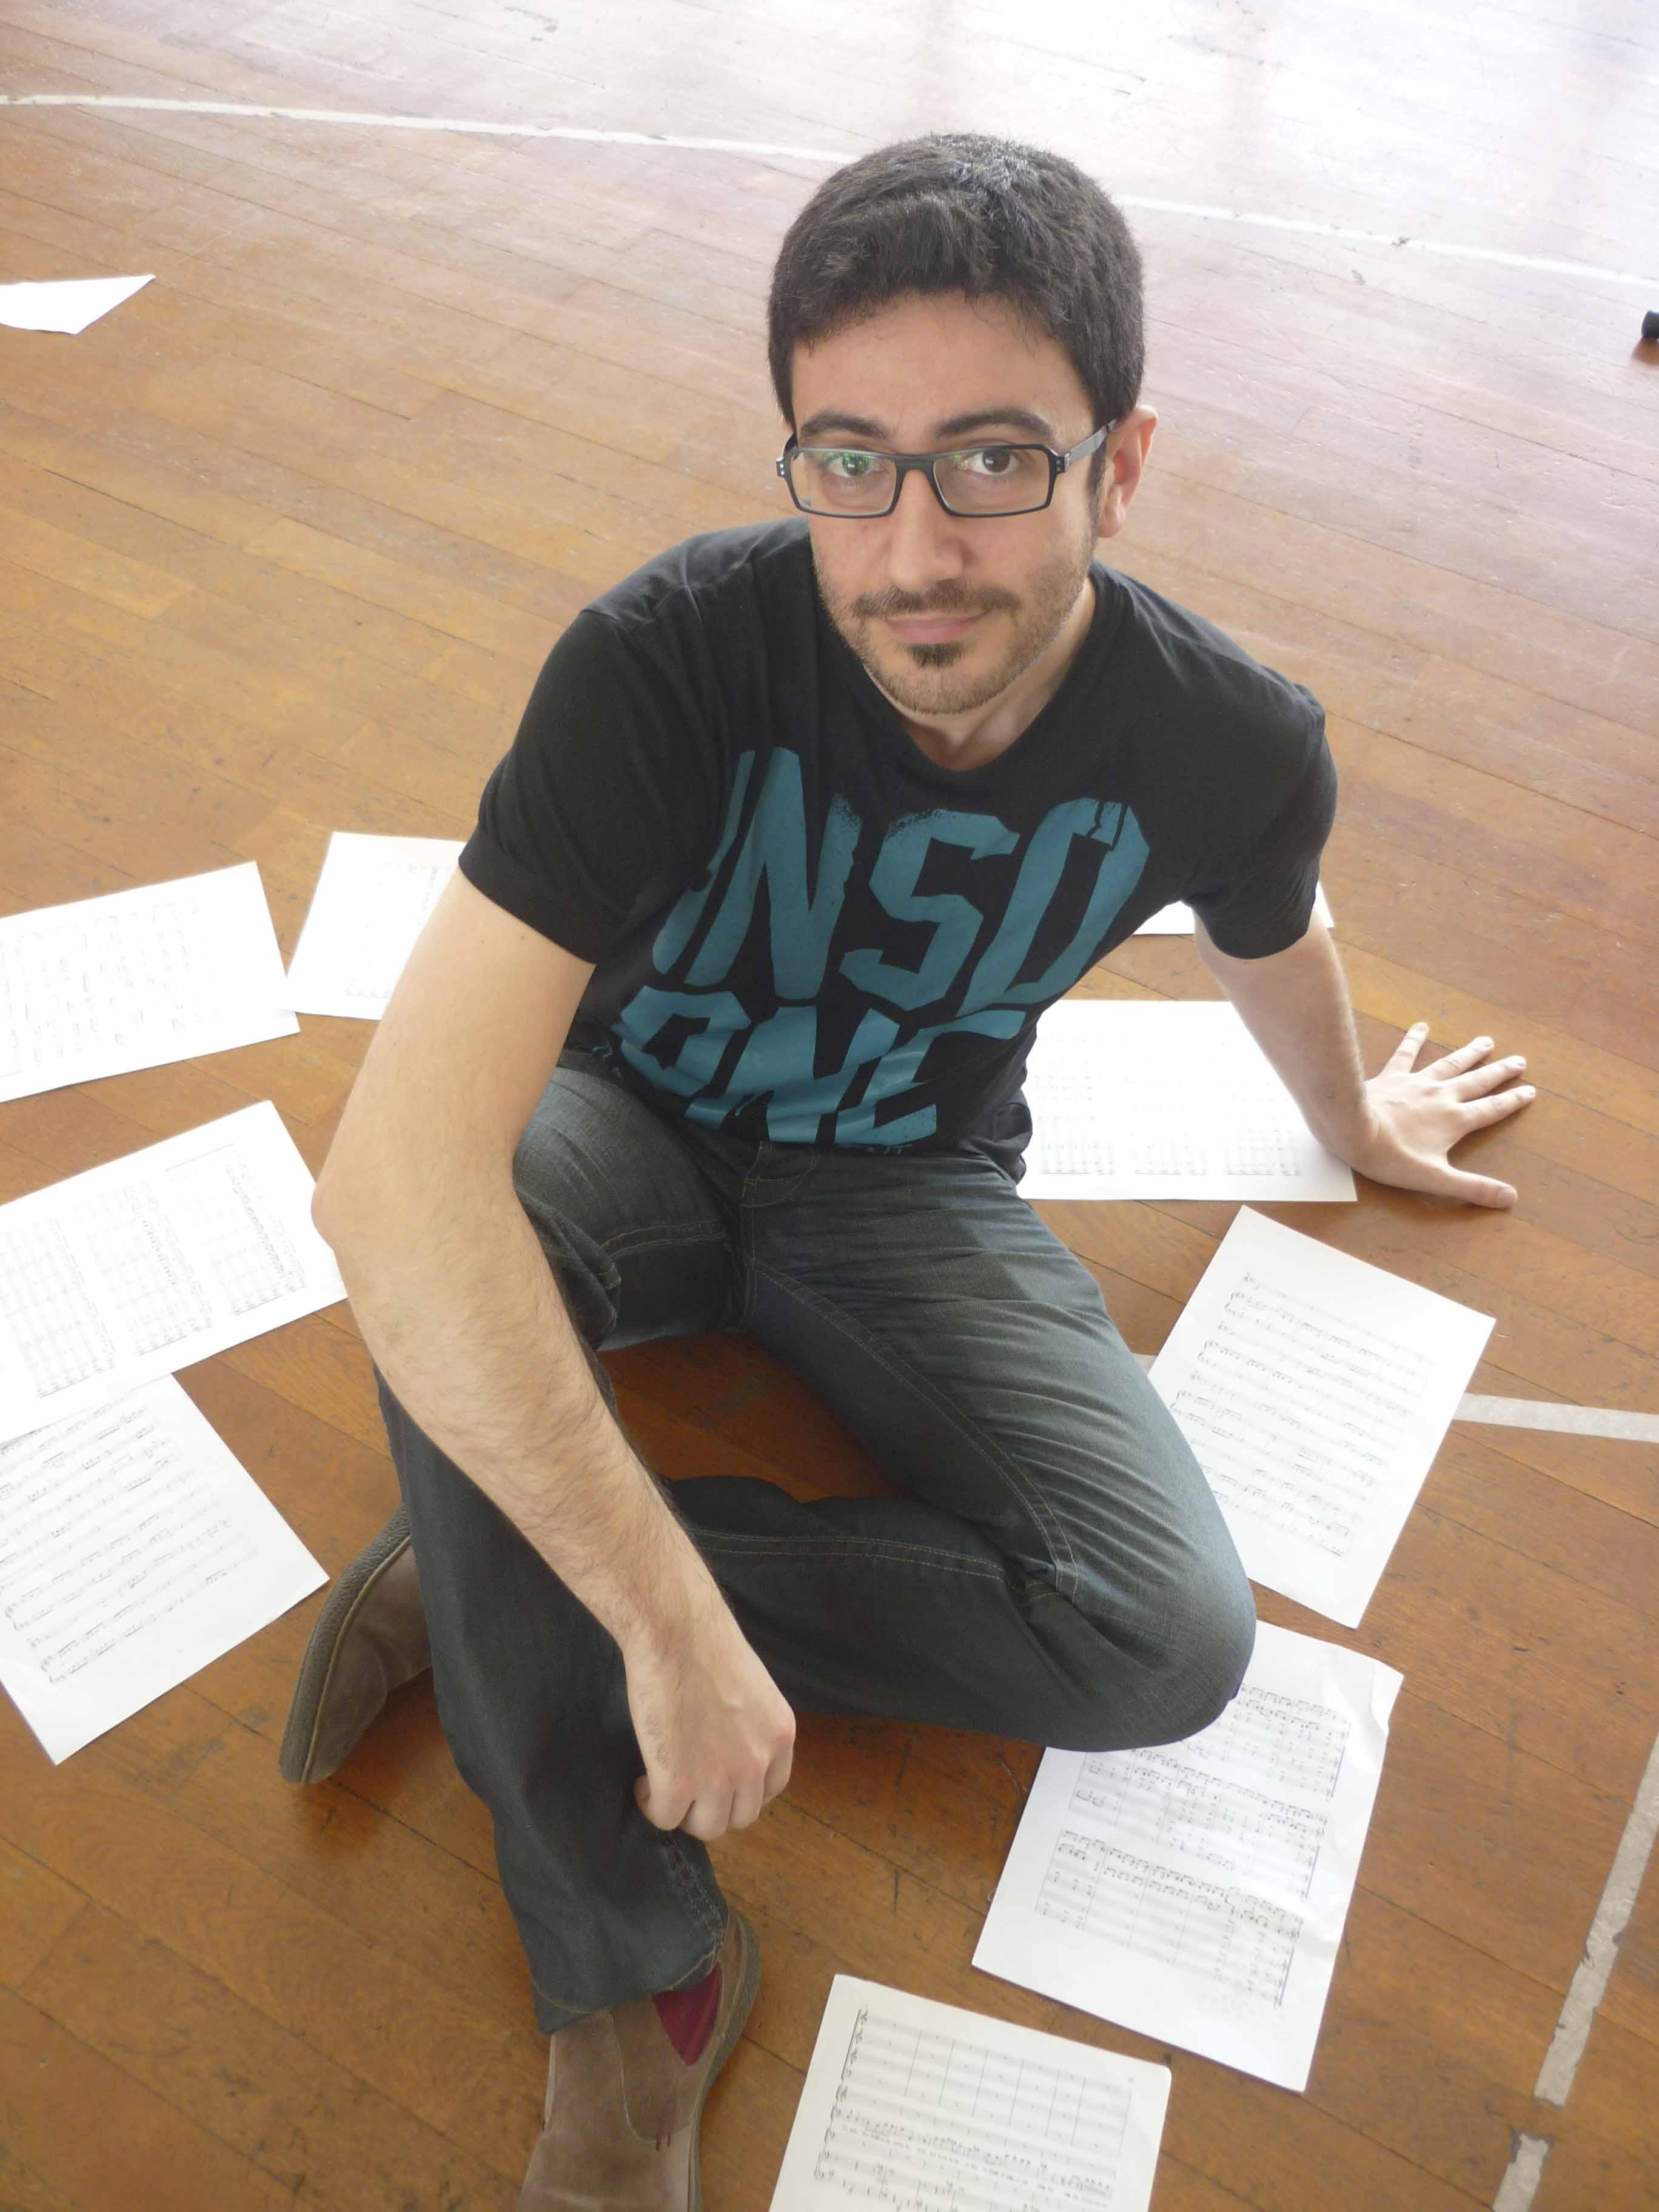 Ernesto Mateo, con las notas musicales por el suelo.